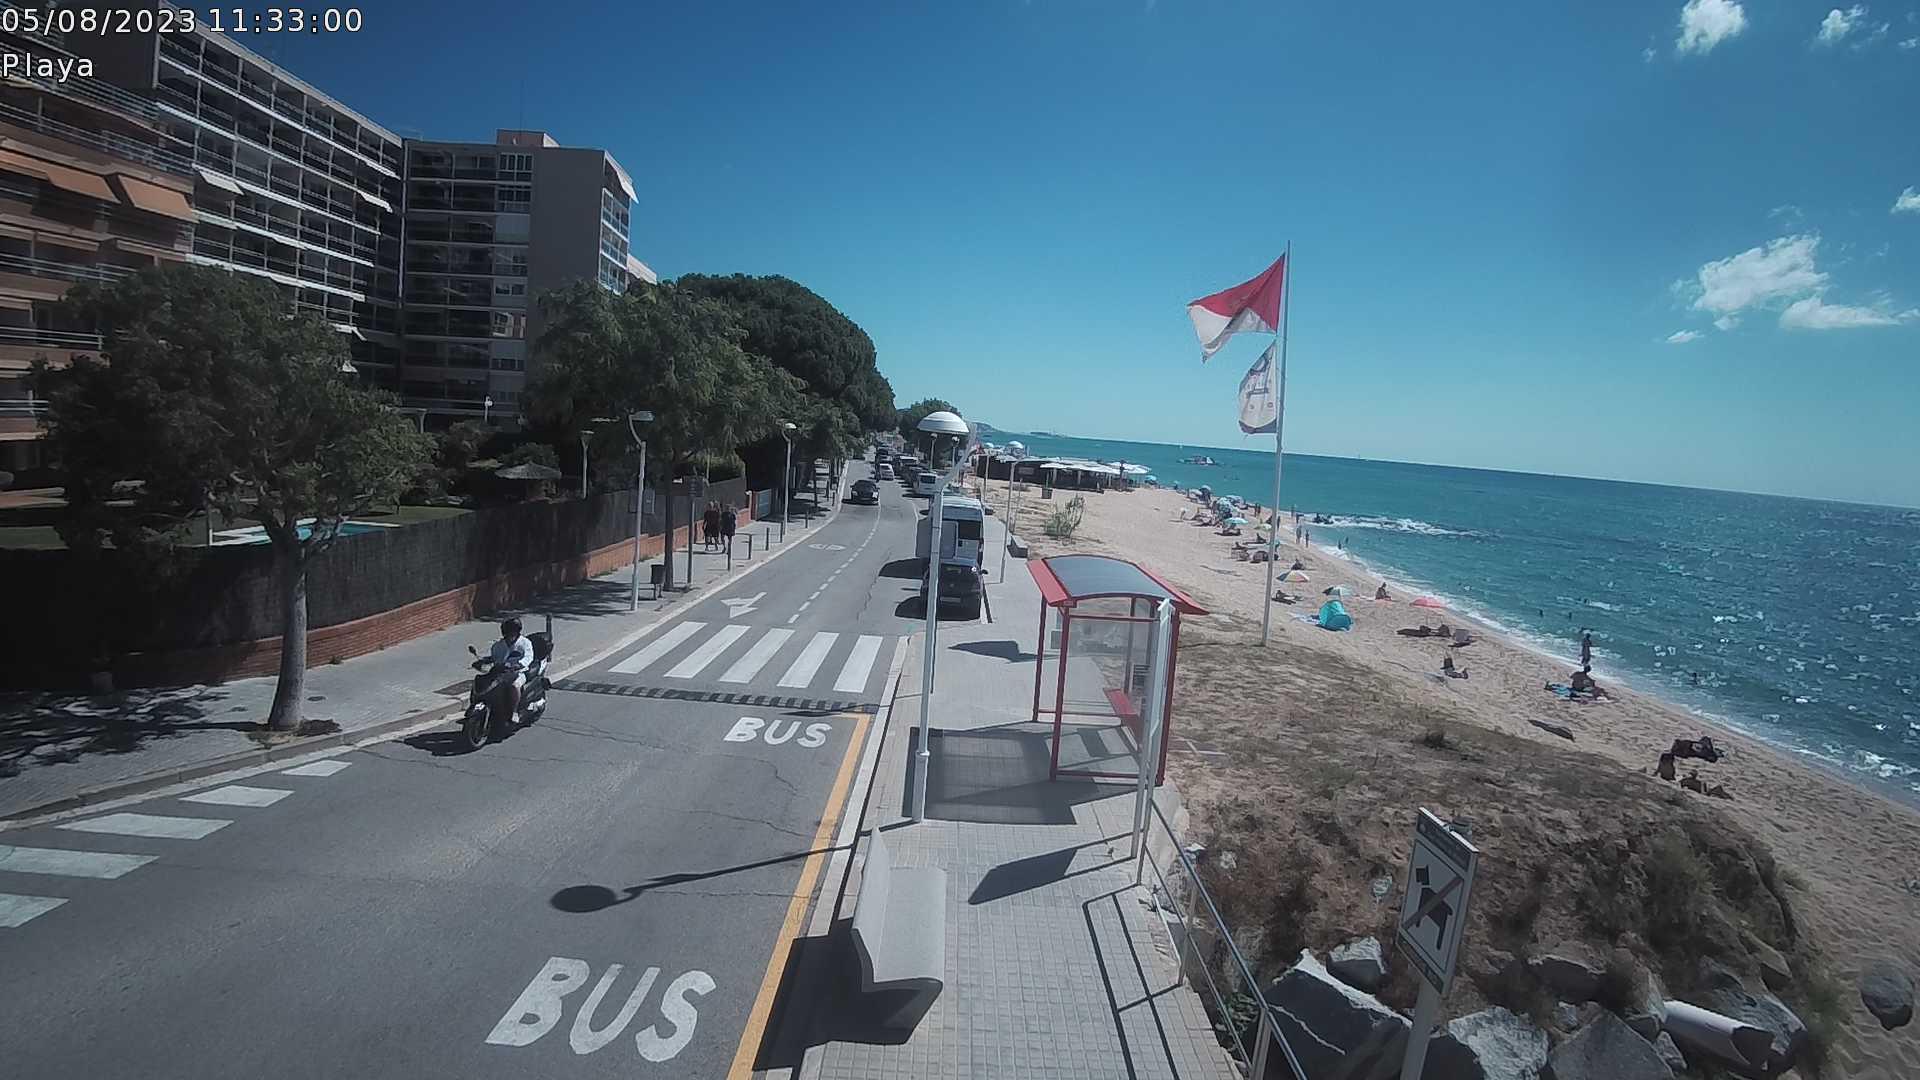 Sant Vicenc de Montalt - Mar